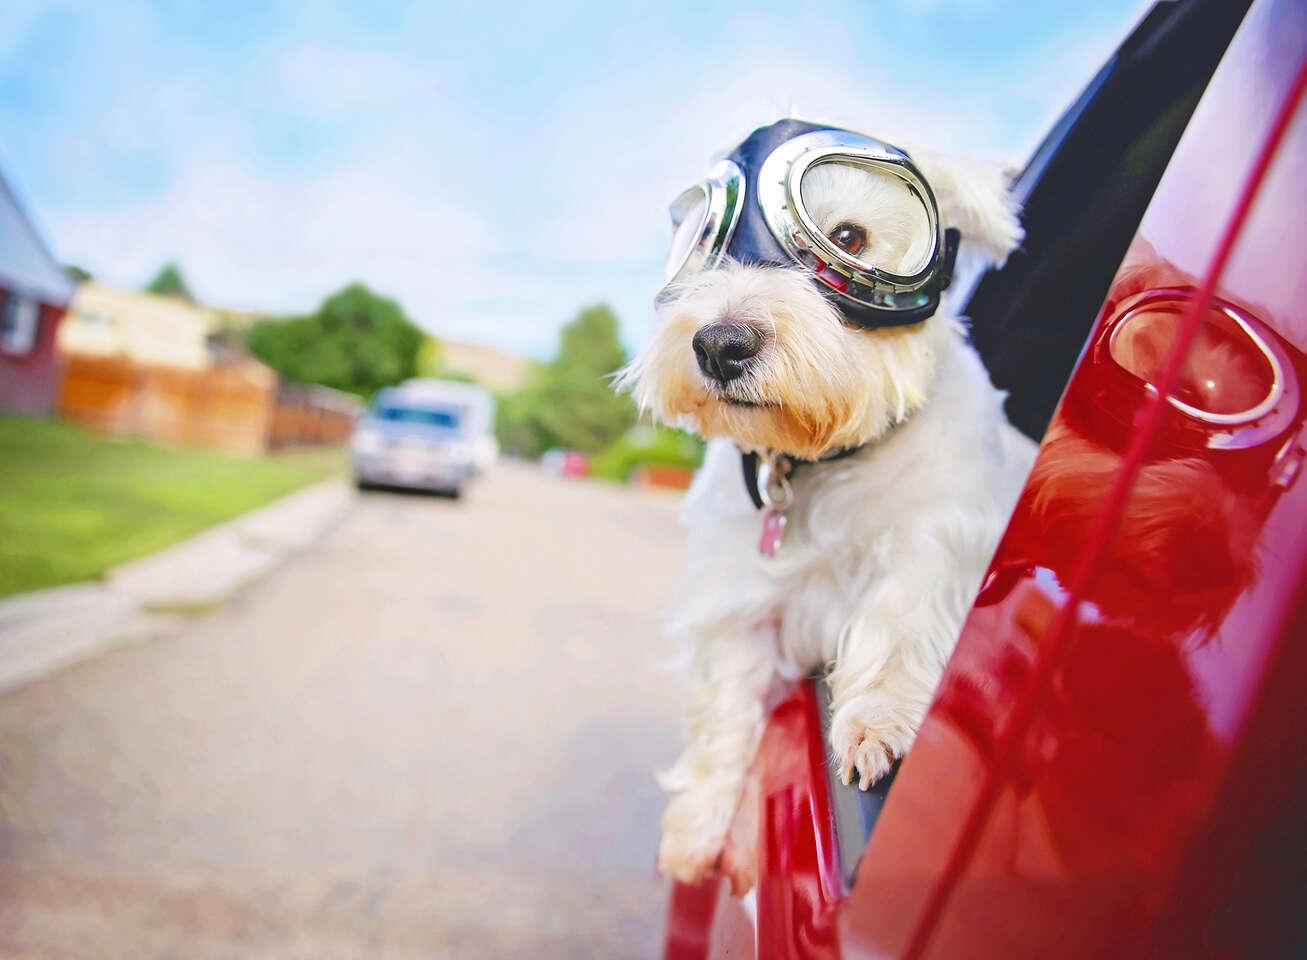 Kondičné jazdy v autoškole - získaj opäť sebaistotu a odvahu š...